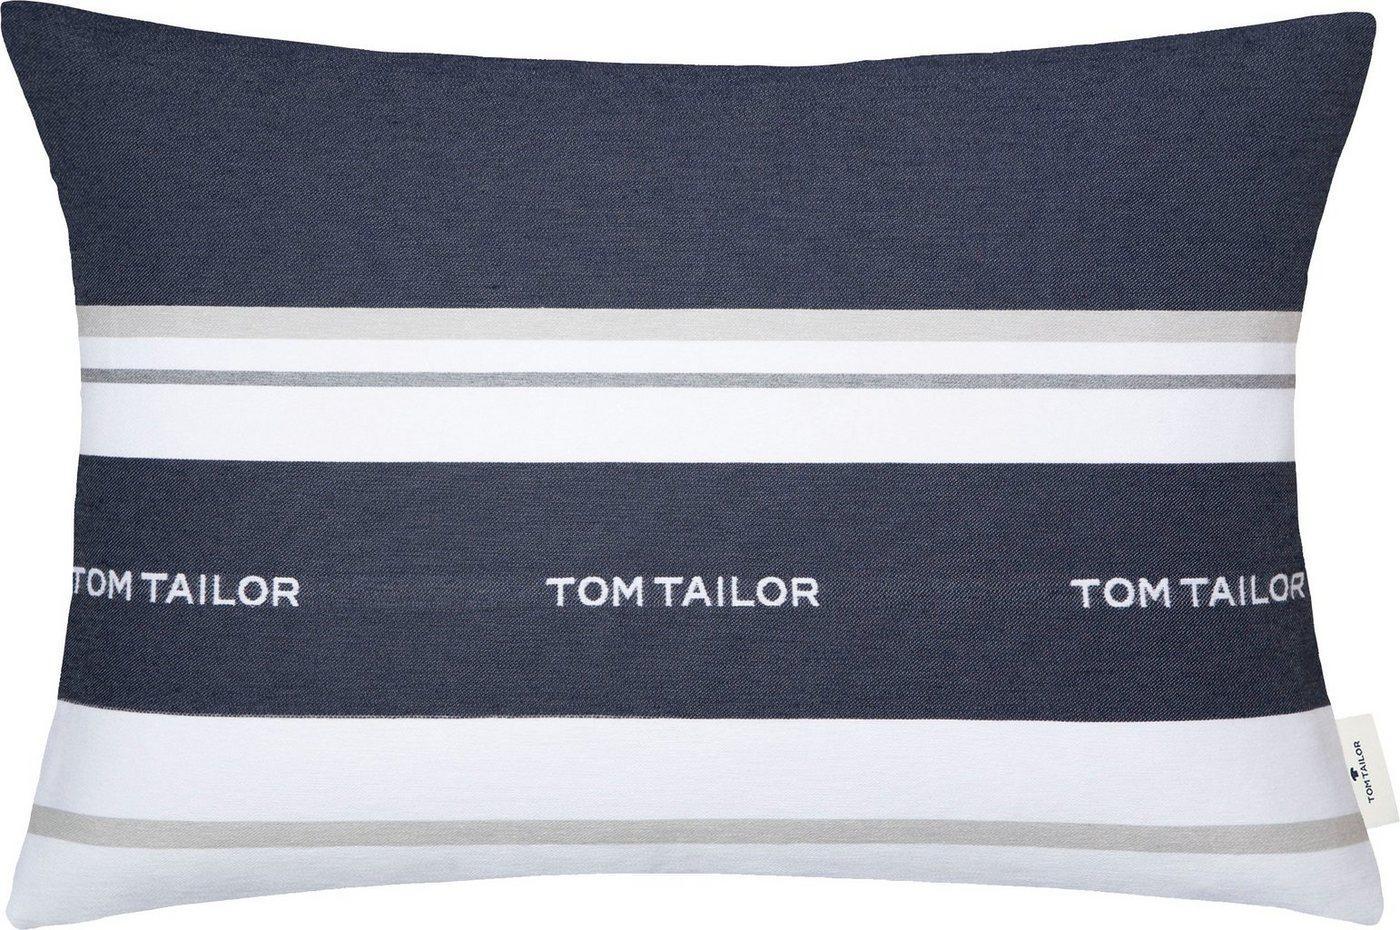 TOM TAILOR Kissenhülle »Logo«, mit eingewebtem Markenlogo